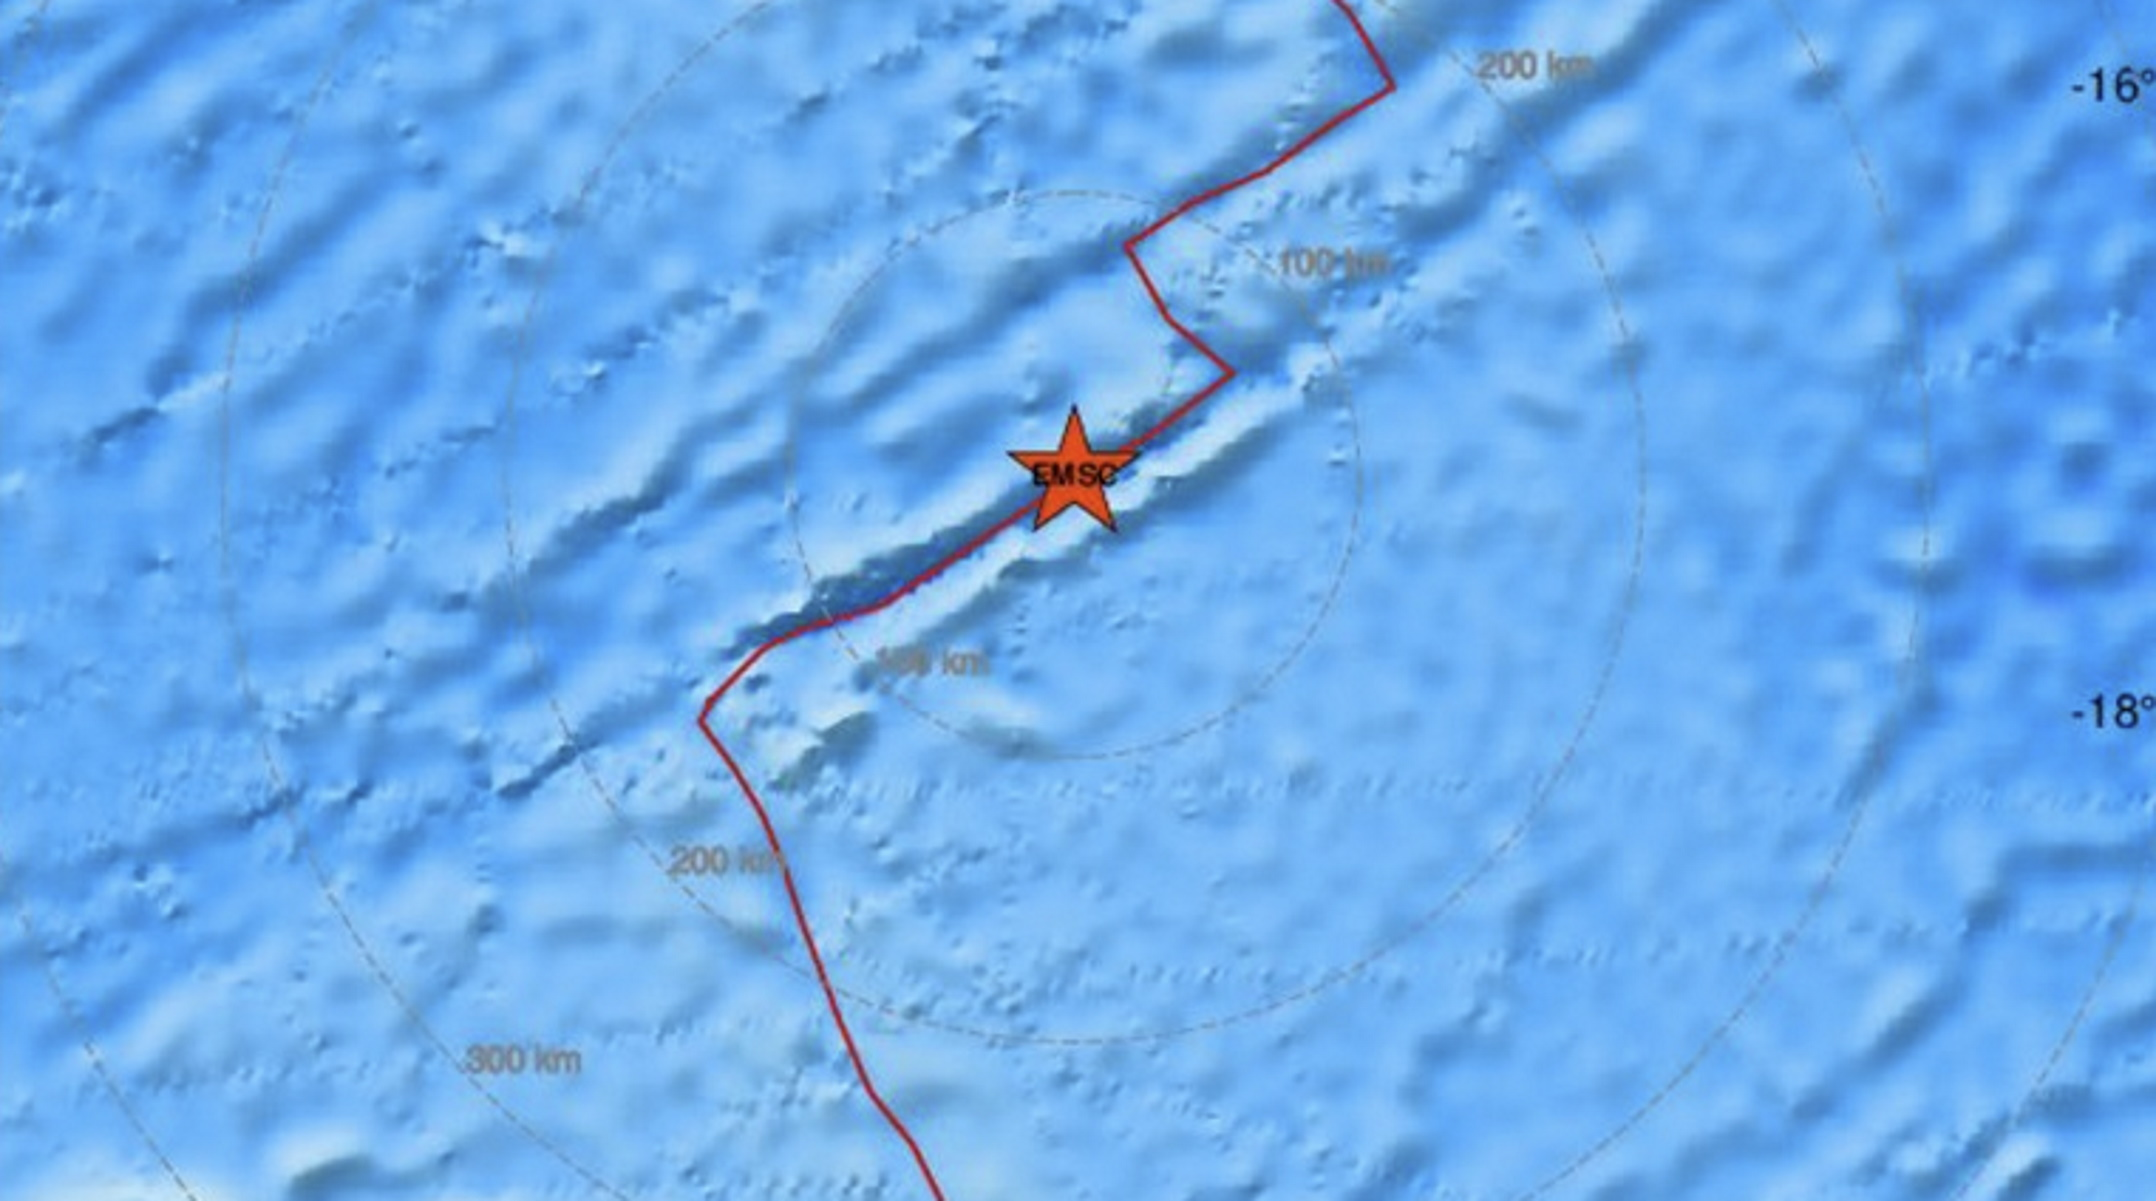 Σεισμός 6,7 Ρίχτερ στον Μαυρίκιο